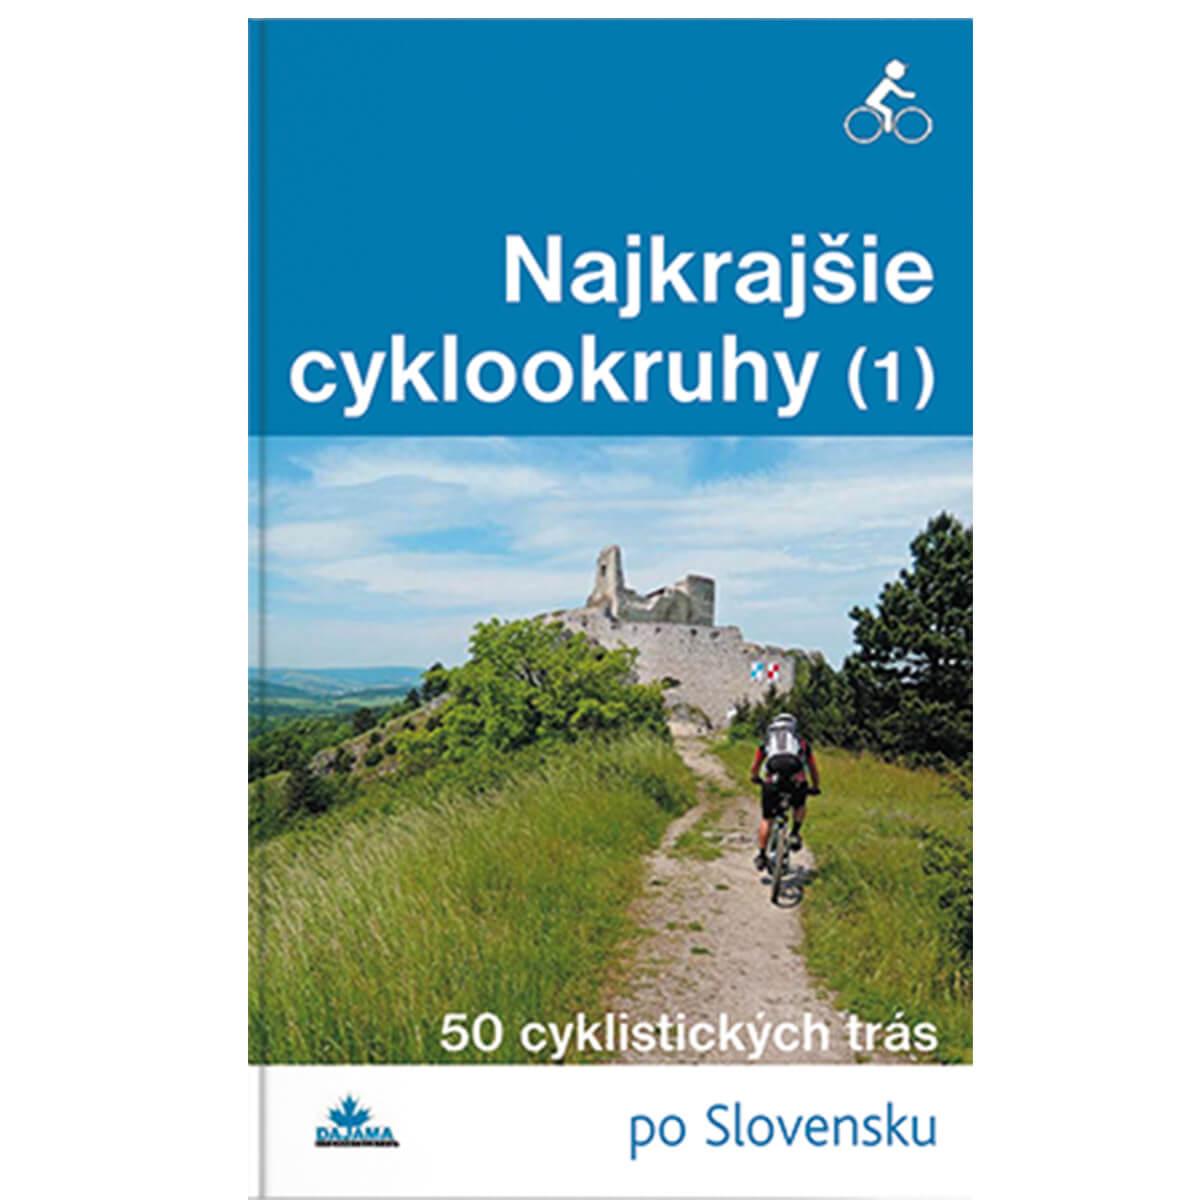 Kniha Najkrajšie cyklookruhy 1. diel - 50 cyklistických trás po Slovensku z vydavateľstva Dajama